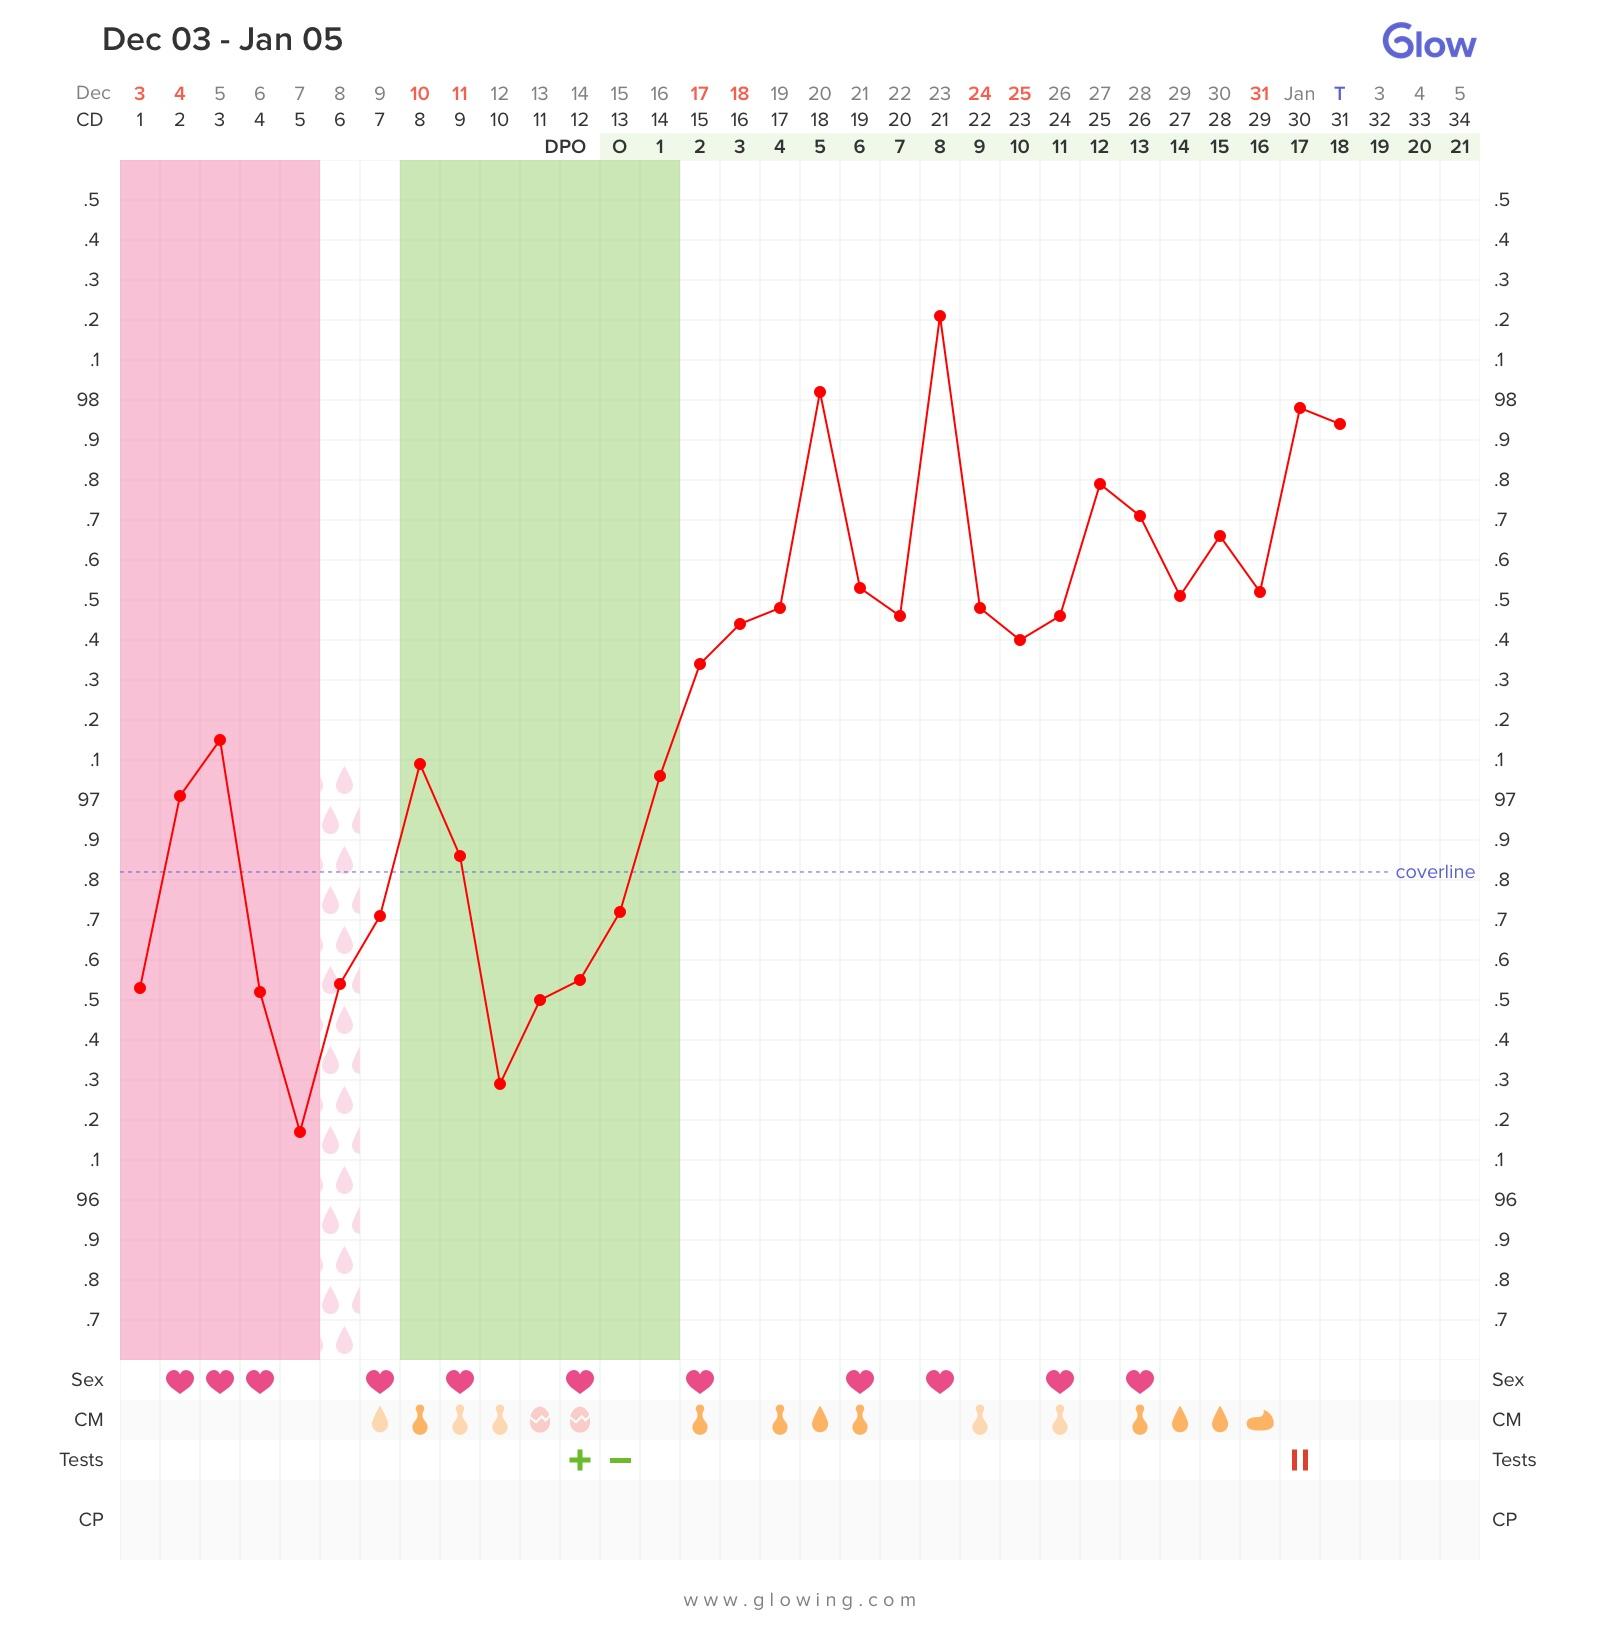 Bfp by dpo chart